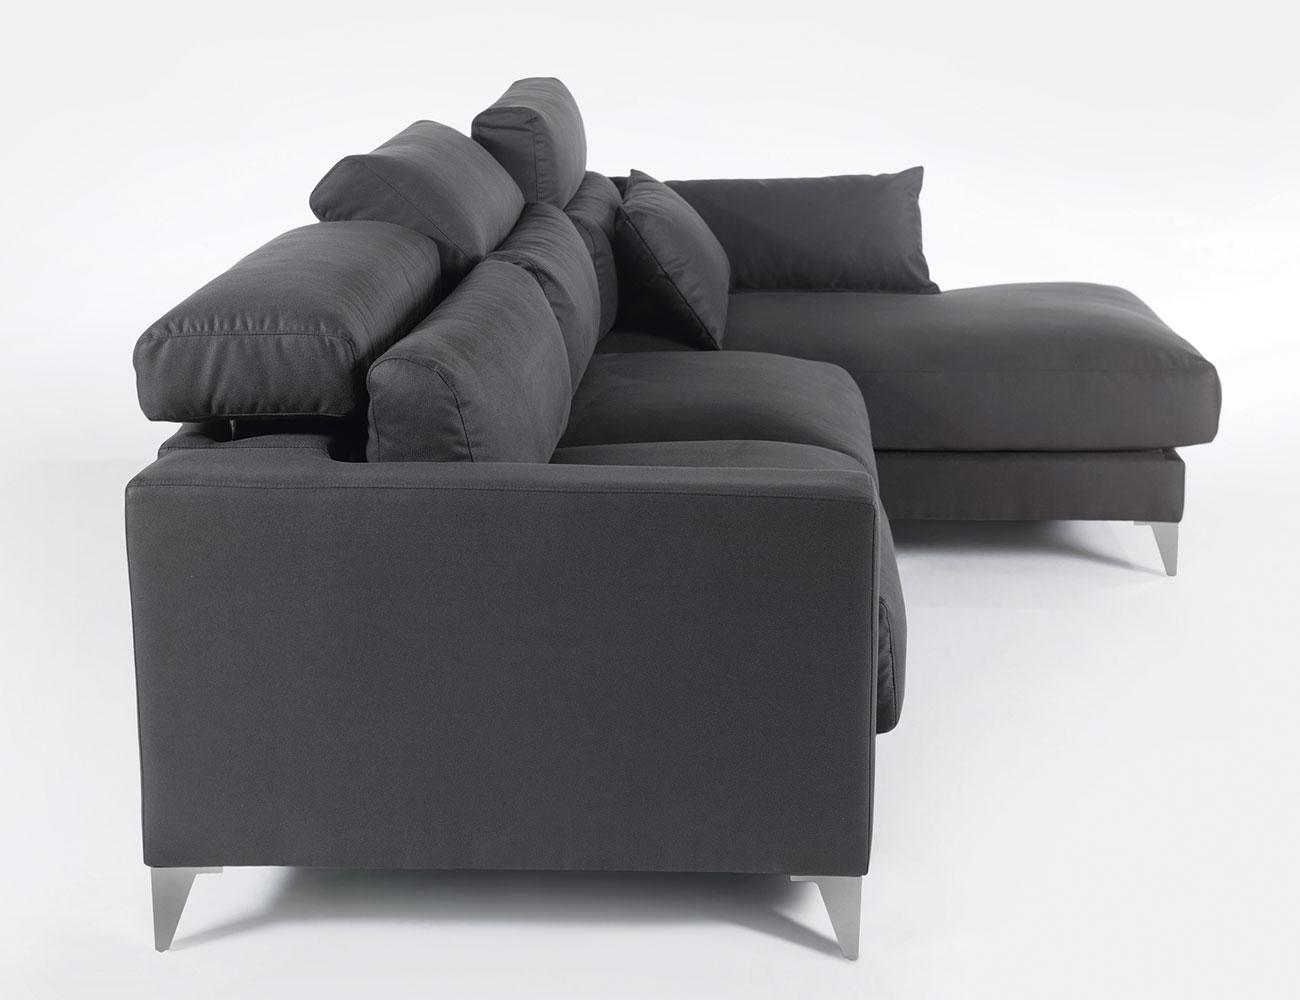 Sofa chaiselongue gran lujo decorativo grafito 135